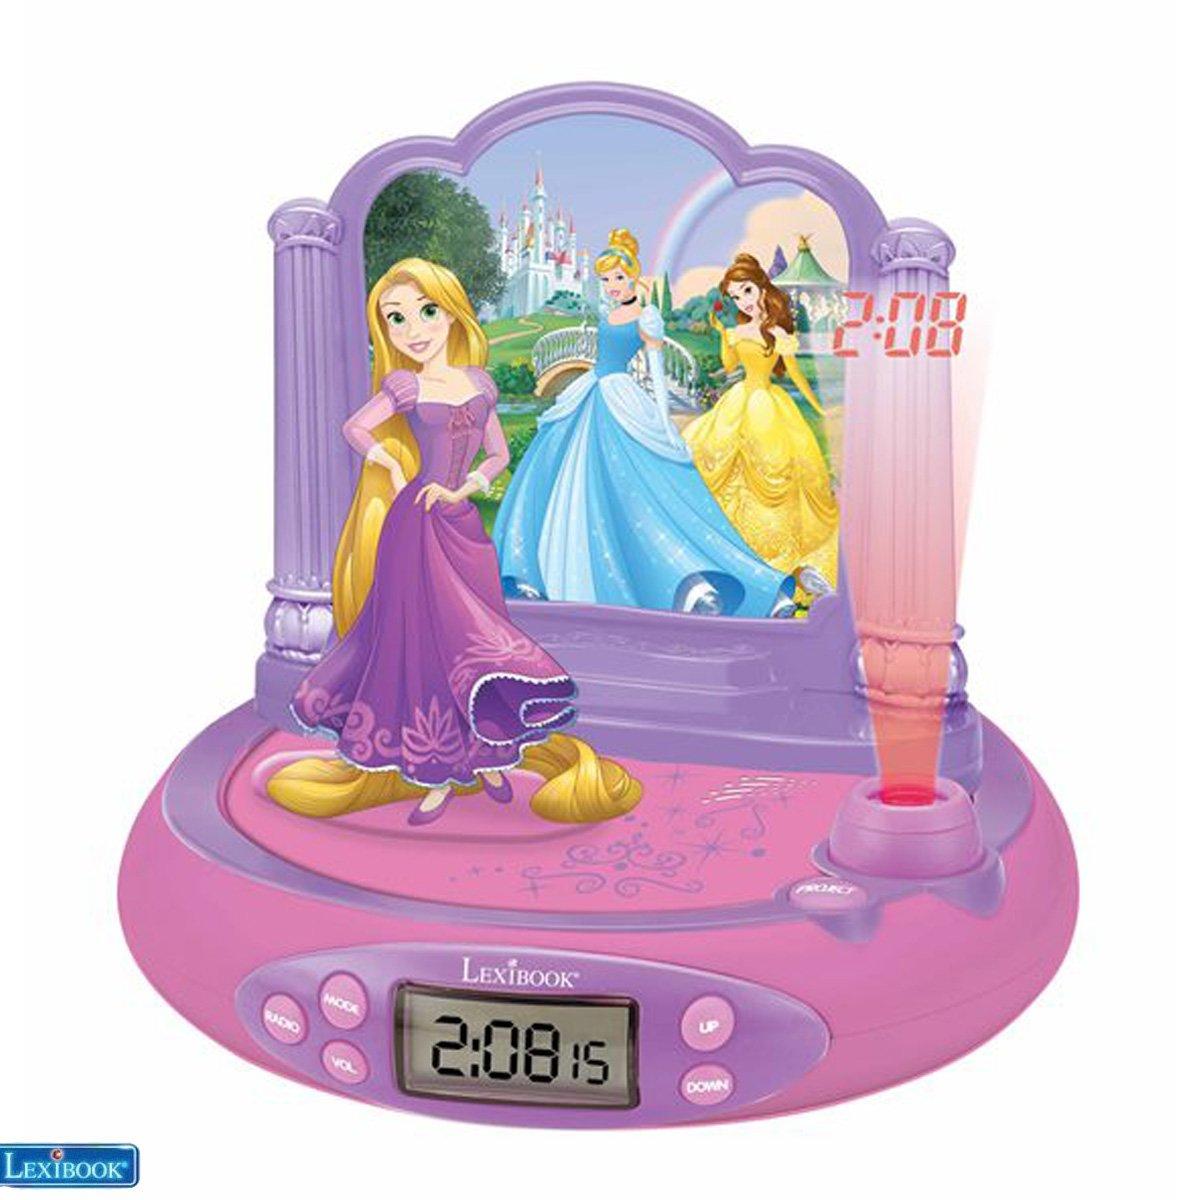 Lexibook - Disney Princess Rapunzel Projector Clock with magical sounds (RP515DP)